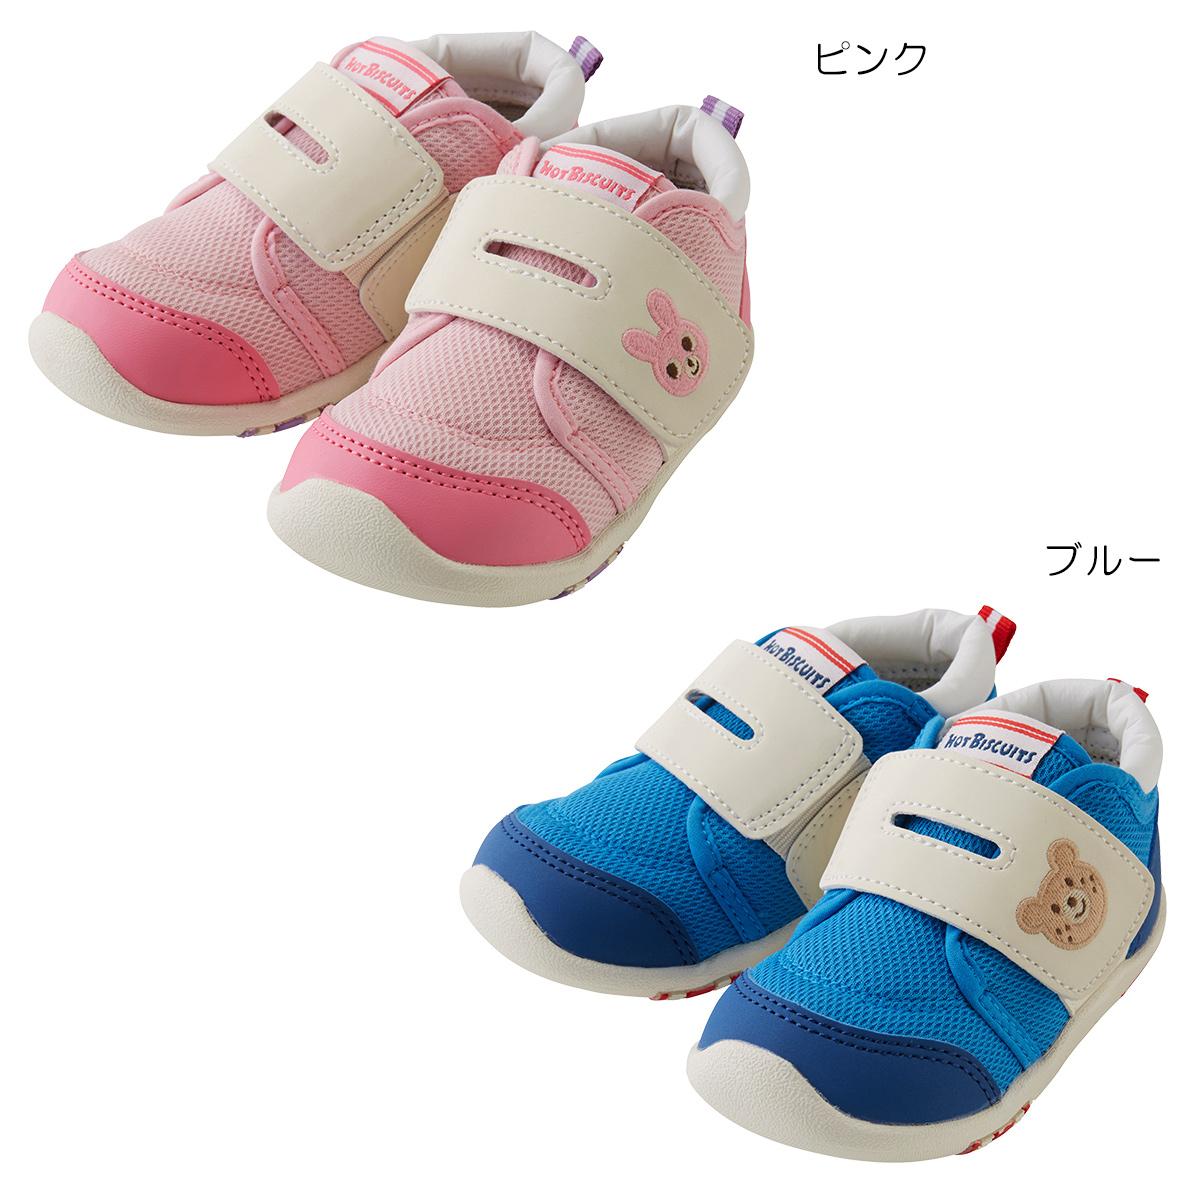 ミキハウス ホットビスケッツ mikihouse スポーティセカンドベビーシューズ(13cm-15cm) ベビー キッズ 赤ちゃん 男の子 女の子 靴 プレゼント 出産祝い